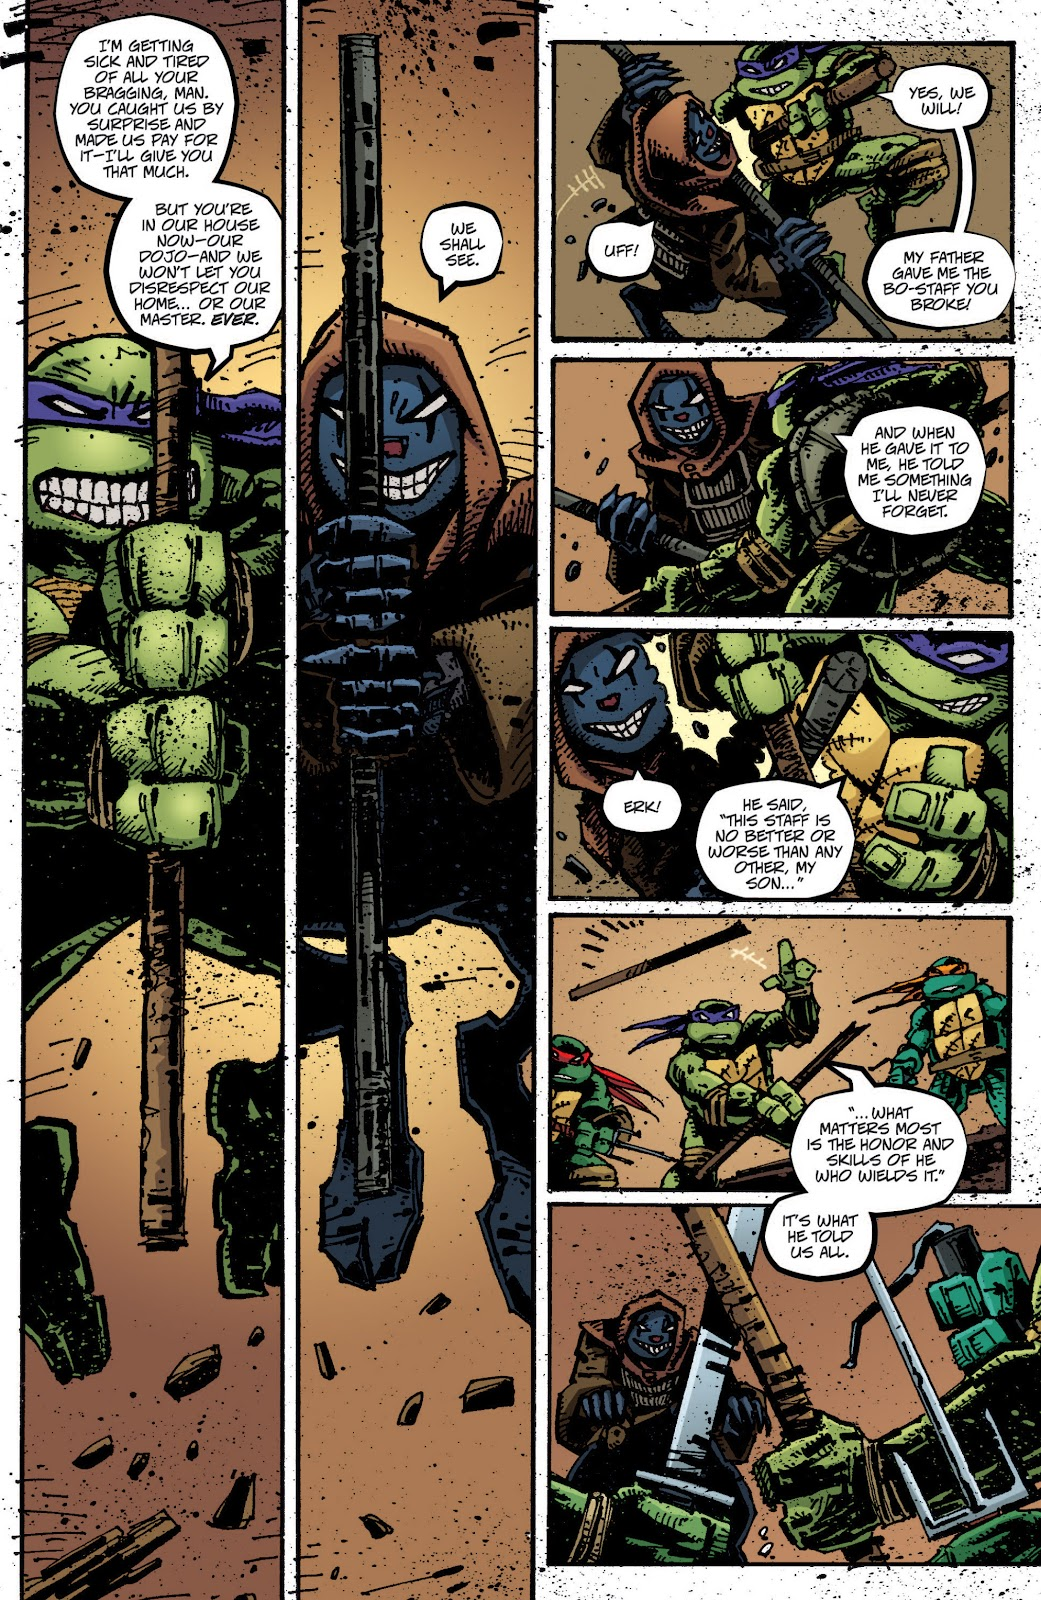 Comic Teenage Mutant Ninja Turtles (2011) issue 23